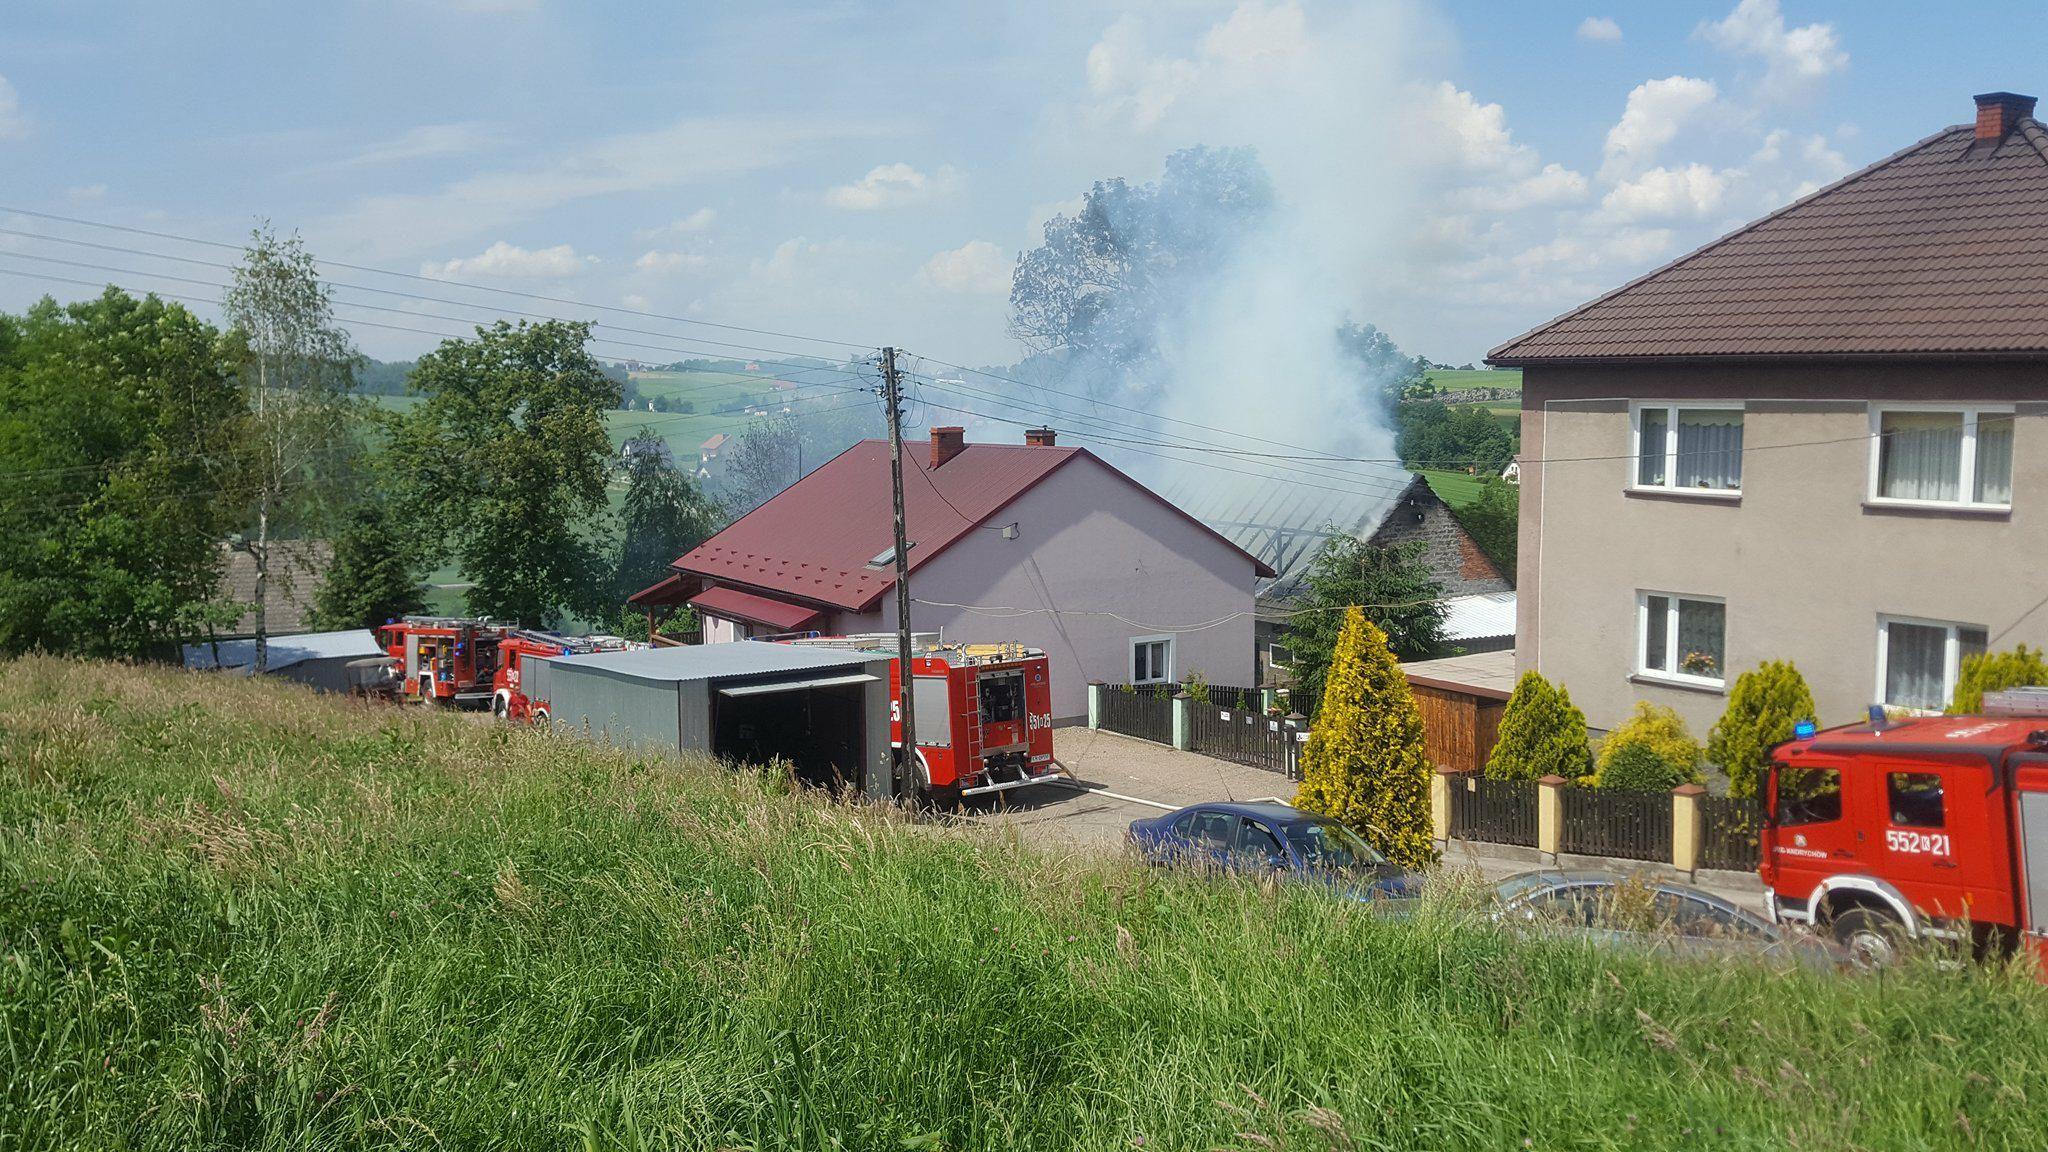 Pożar budynku, interweniowali strażacy [FOTO]